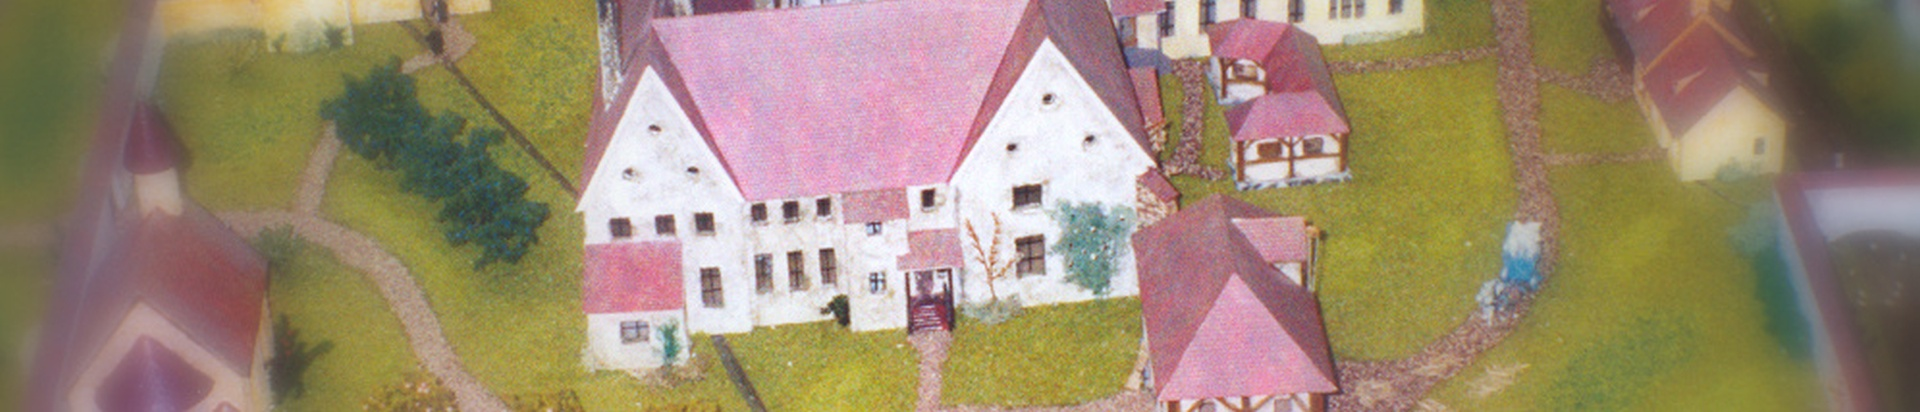 Klostermodell - Zustand um 1800 - Bild 3